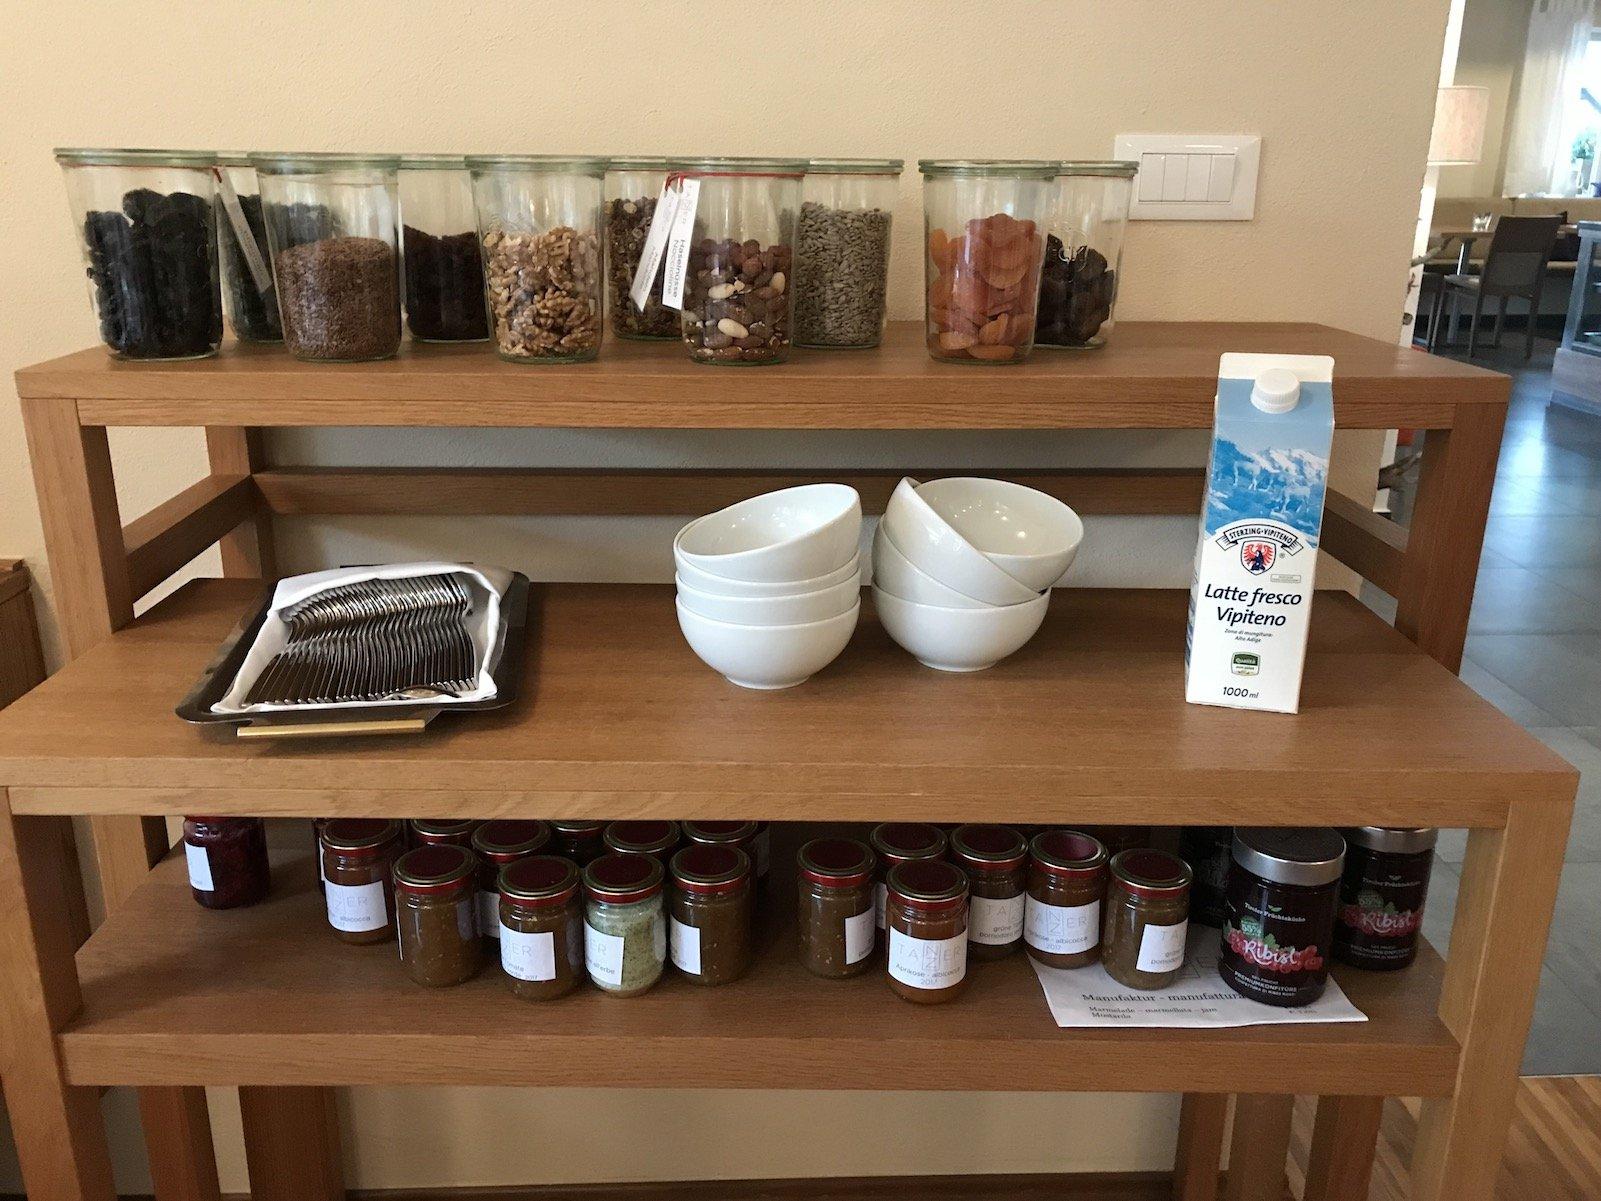 Trockenfrüchte und drölftausend Marmeladen